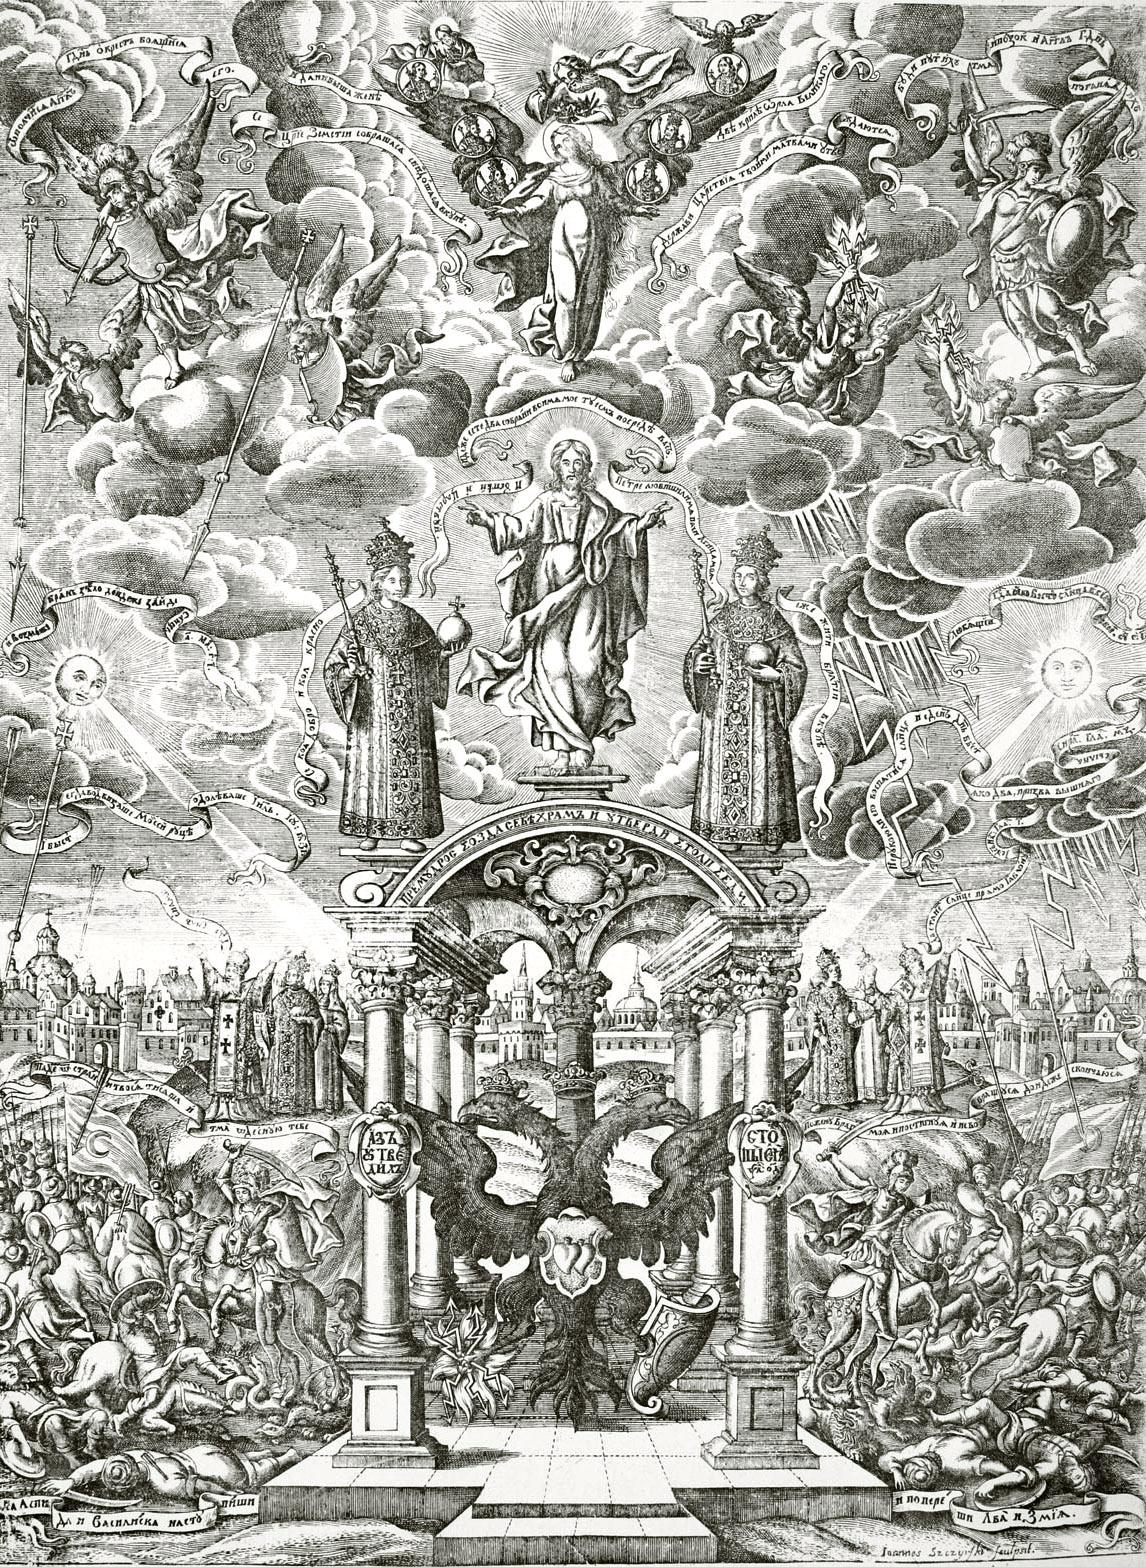 3. Гравюра Щирского 1683 года, с изображением Царей Иоанна и Петра и Царевны-Правительницы Софьи Алексеевны